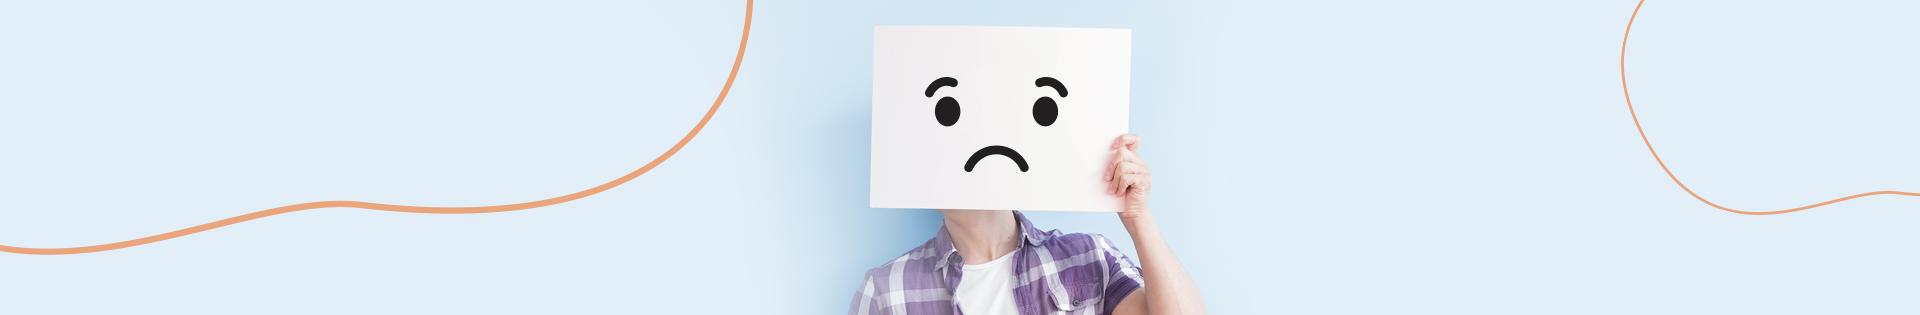 Causas de infertilidade masculina: veja o que pode tornar o homem infértil